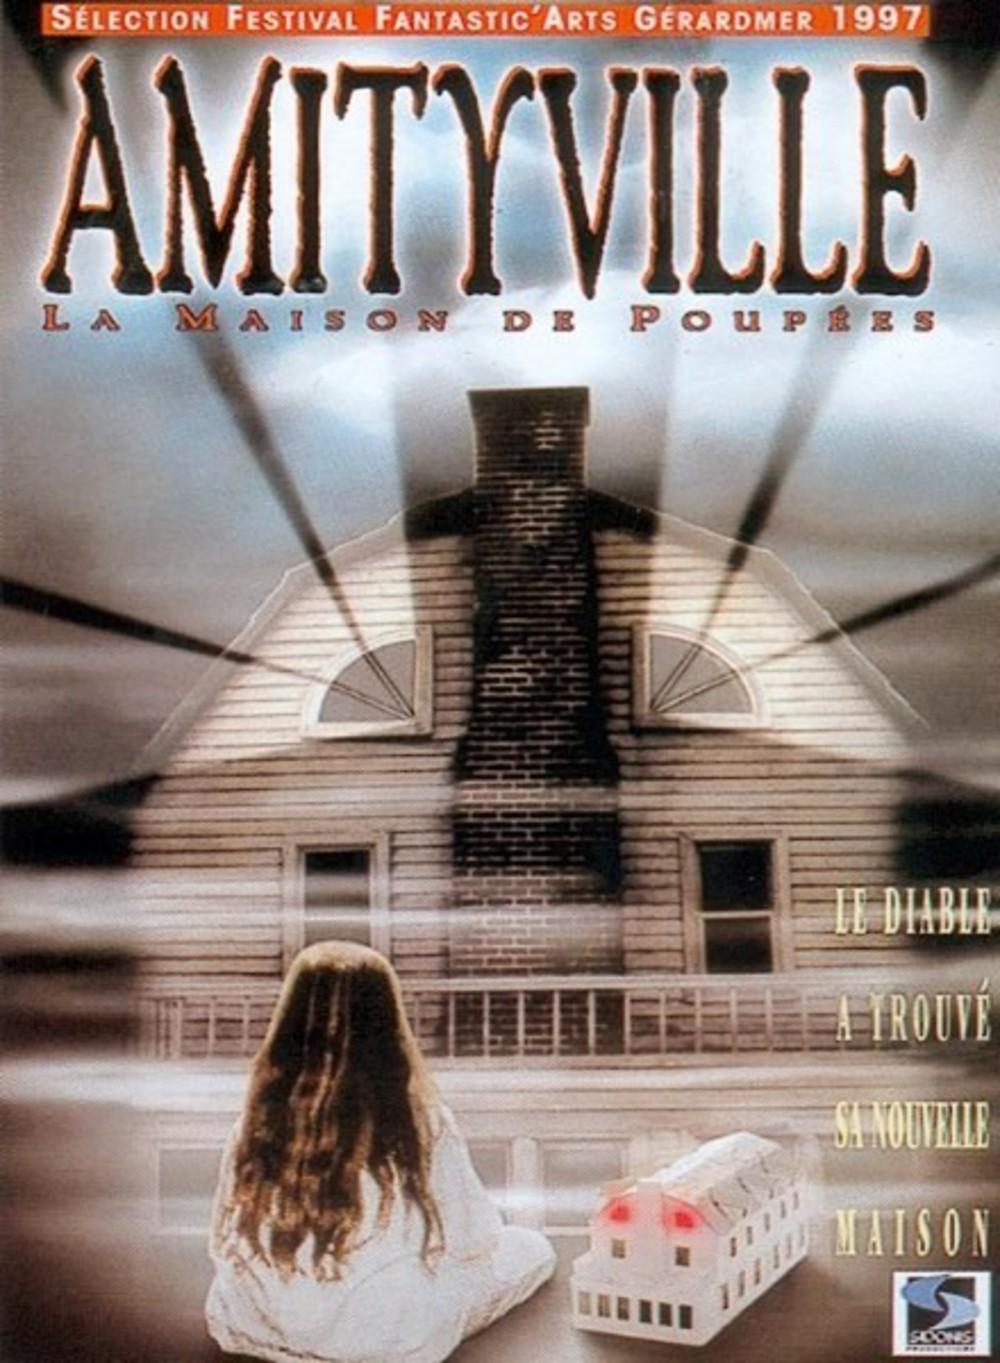 affiche du film Amityville, la maison des poupées